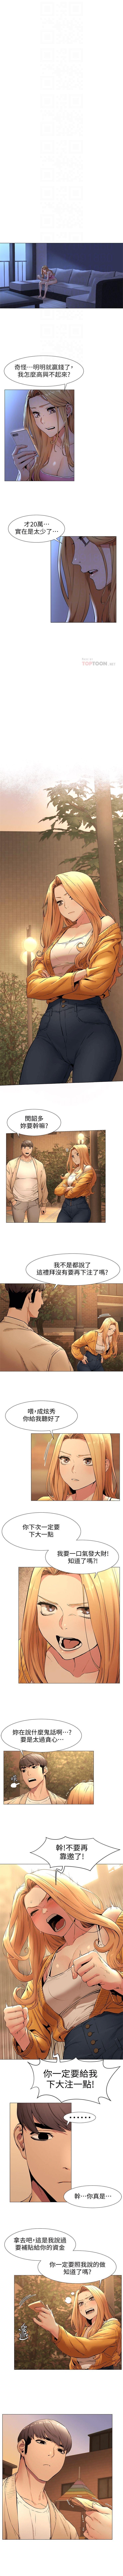 衝突 1-100官方中文(連載中) 414